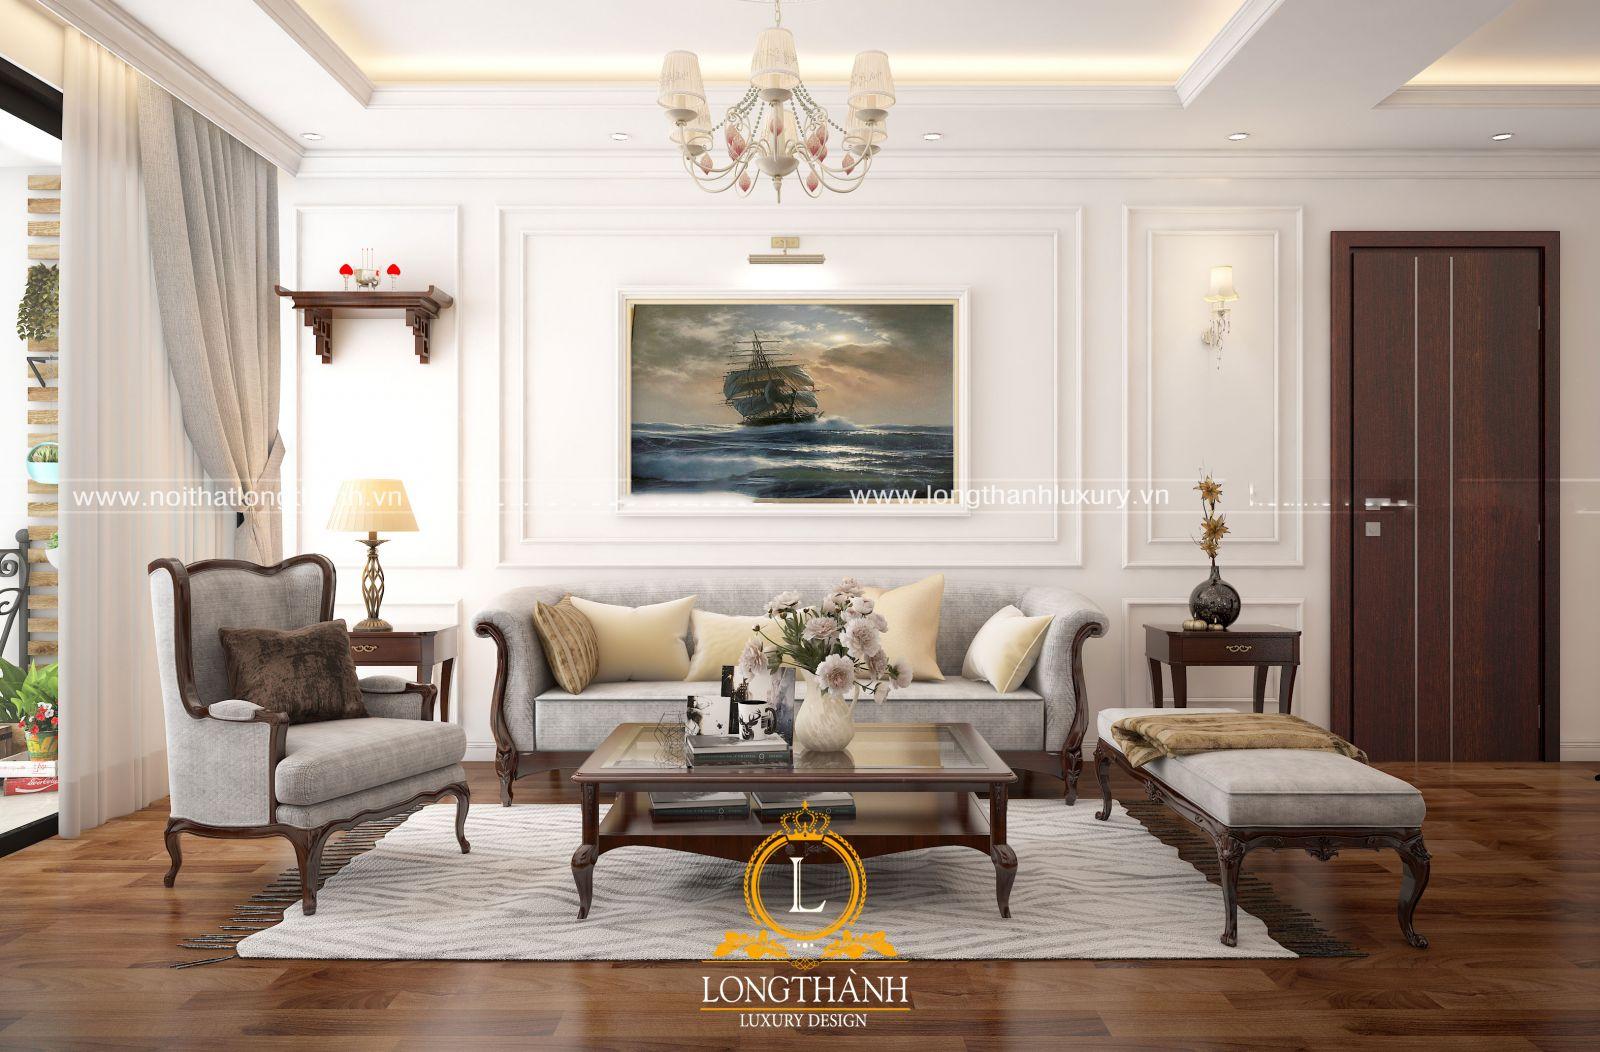 Phòng khách chung cư đẹp sử dụng chất liệu cao cấp